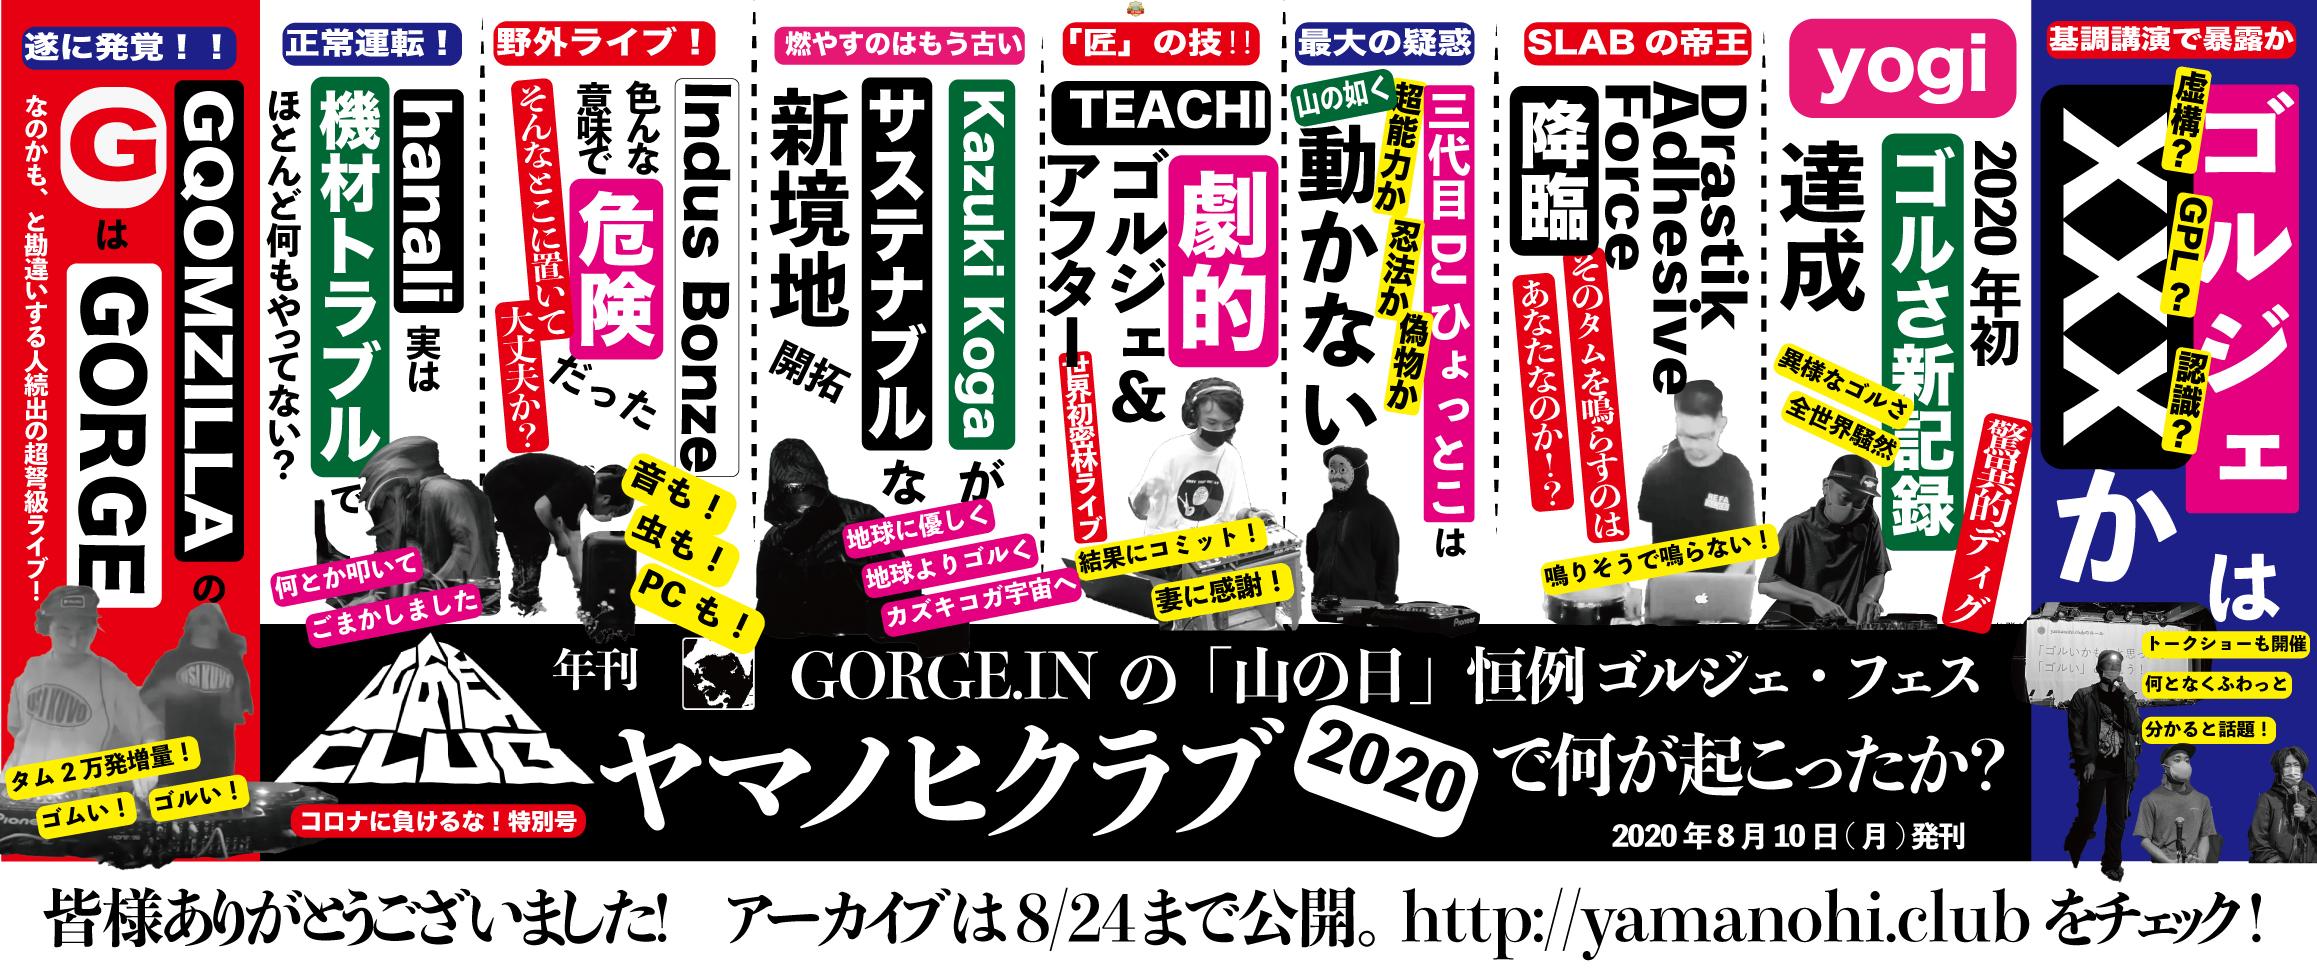 yamanohi_2020